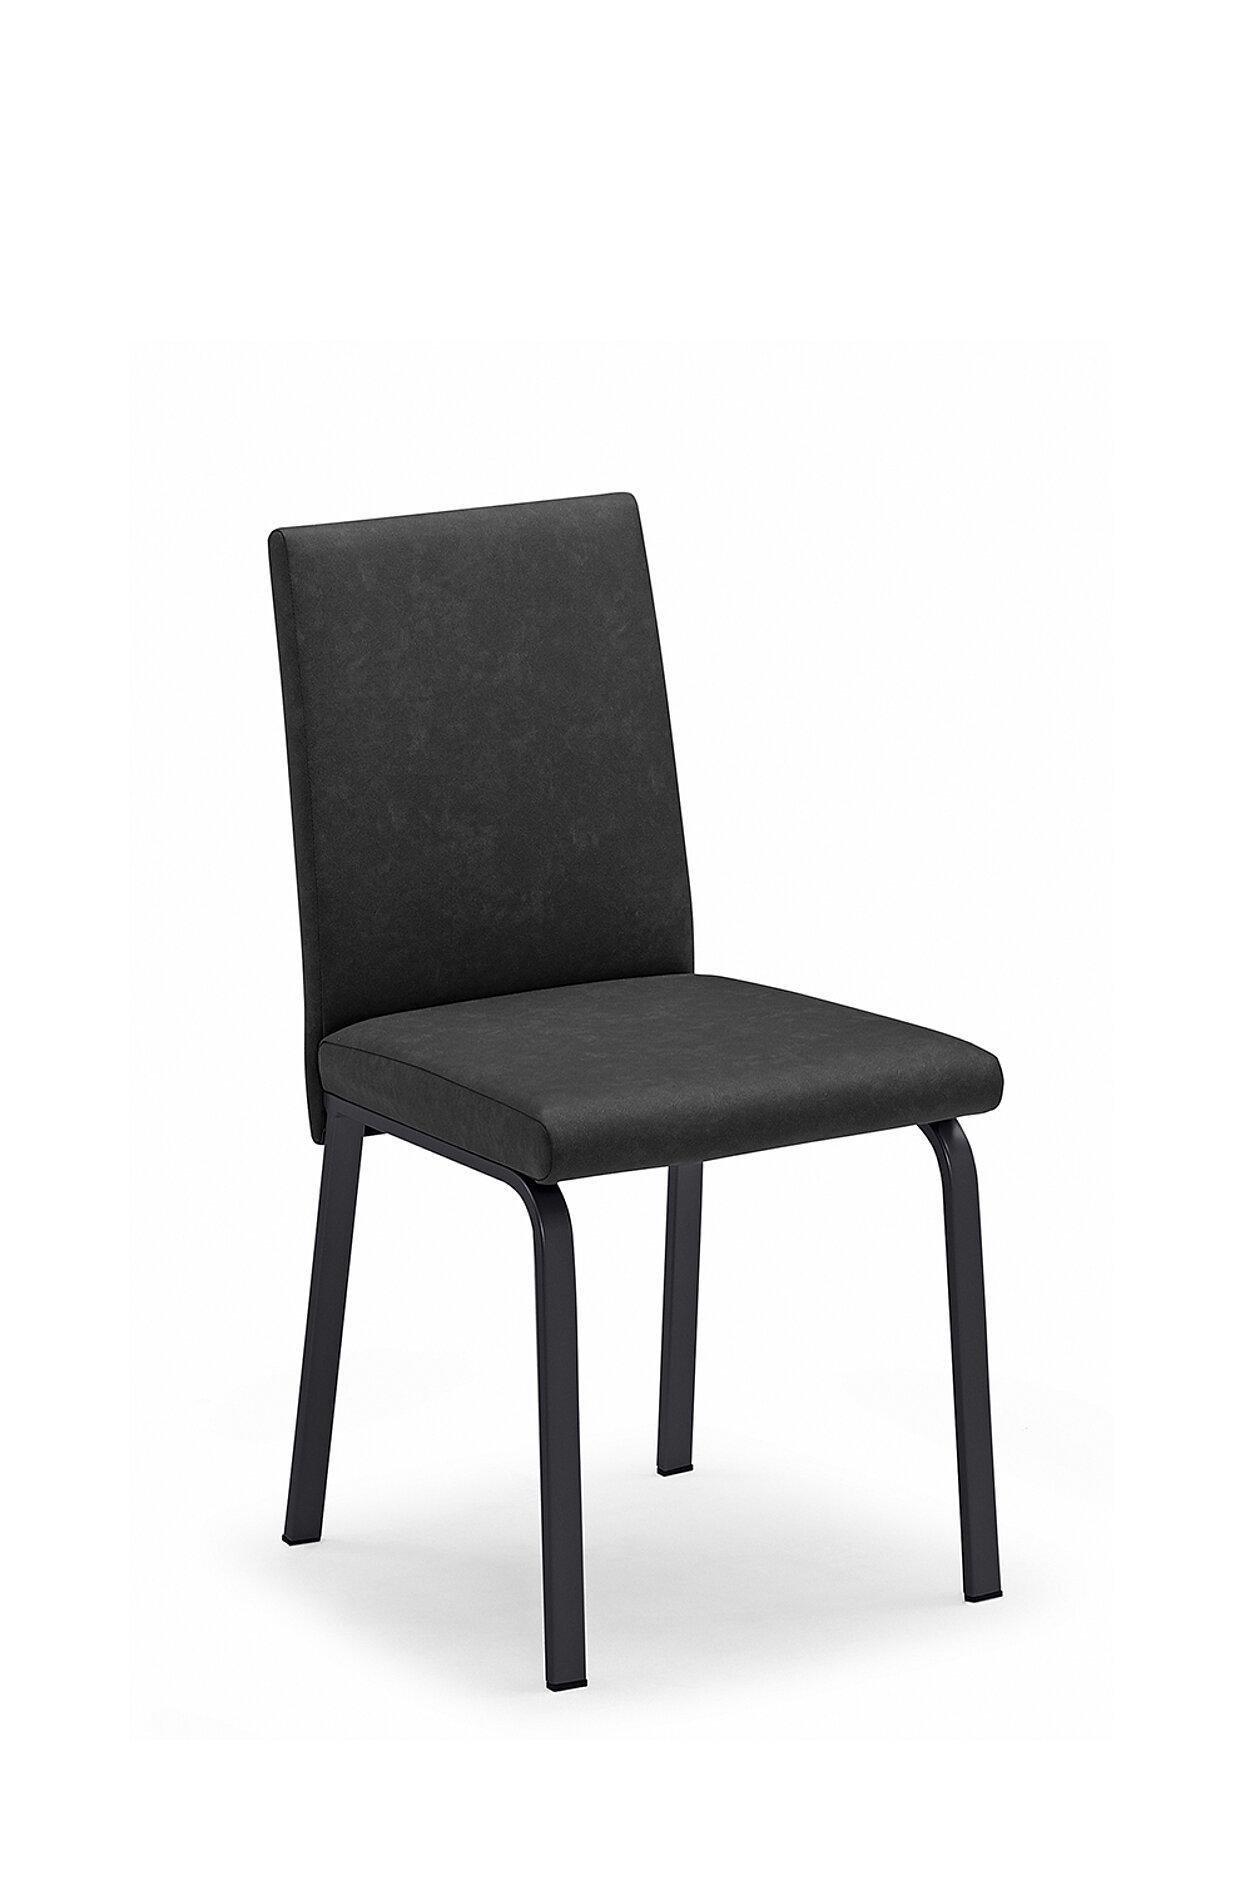 Stuhl Duo 500 von Schösswender